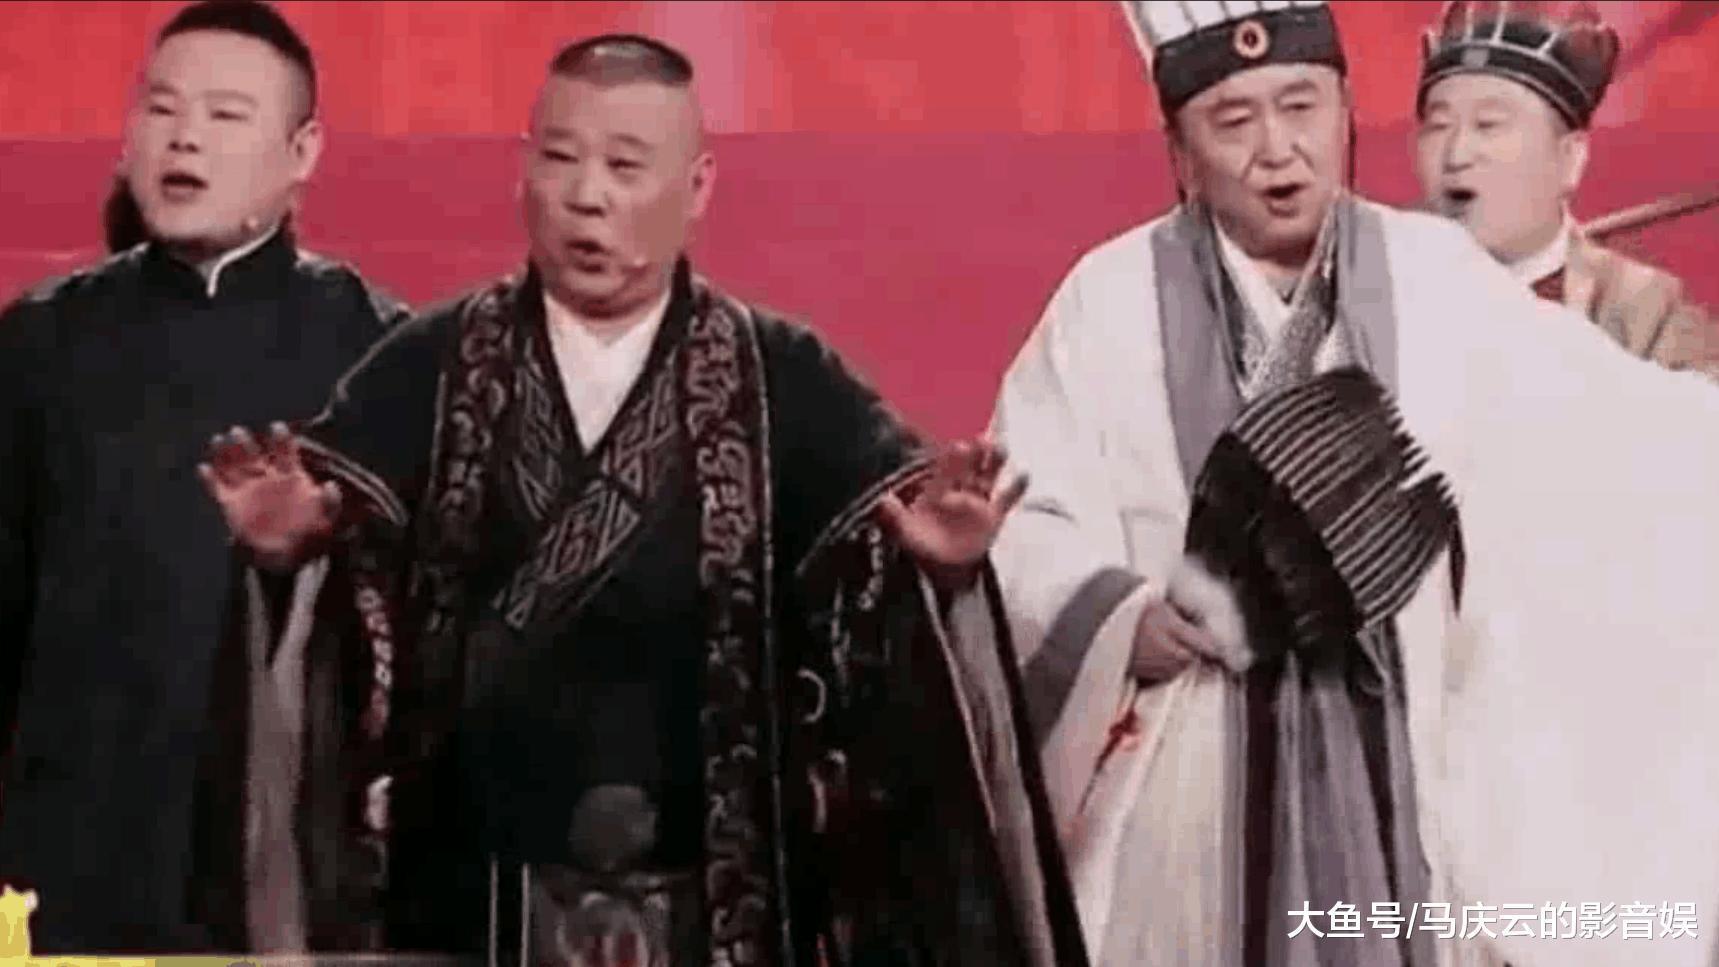 捧完儿子郭麒麟捧小舅子张云雷, 郭德纲《能耐大了》能烂片翻盘吗